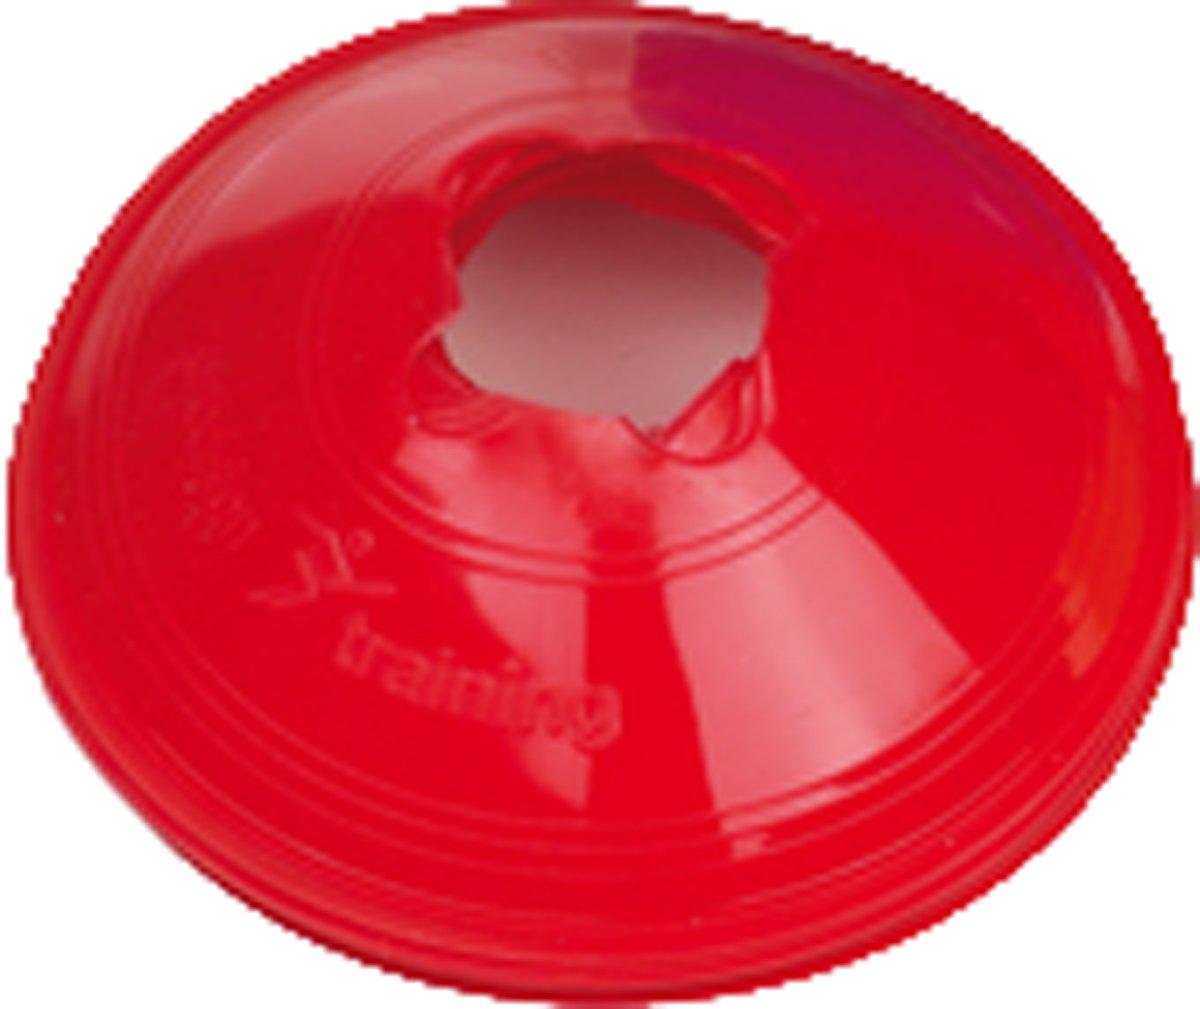 春先取りの PrecisionトレーニングサッカースポーツフィールドアクセサリープラスチックSaucer of Cones Set of 50 50 レッド レッド B018W4BT7I, お好み焼ほていさん:6e870524 --- senas.4x4.lt